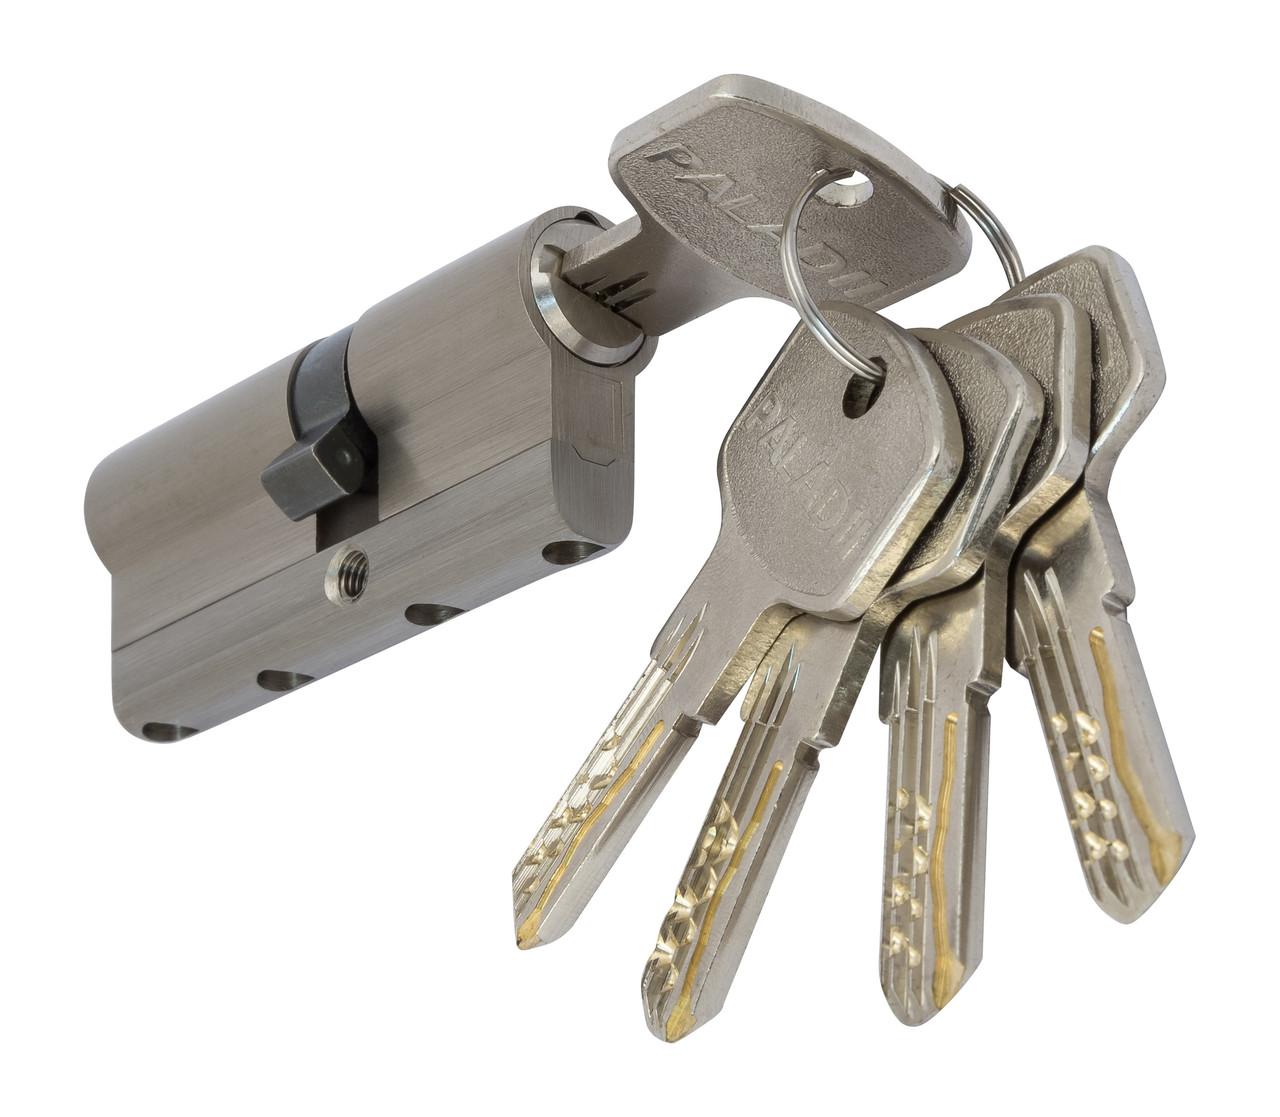 PALADII циліндровий механізм латунний з вставкою 70мм (35*35) 5 гібридних ключа сатен